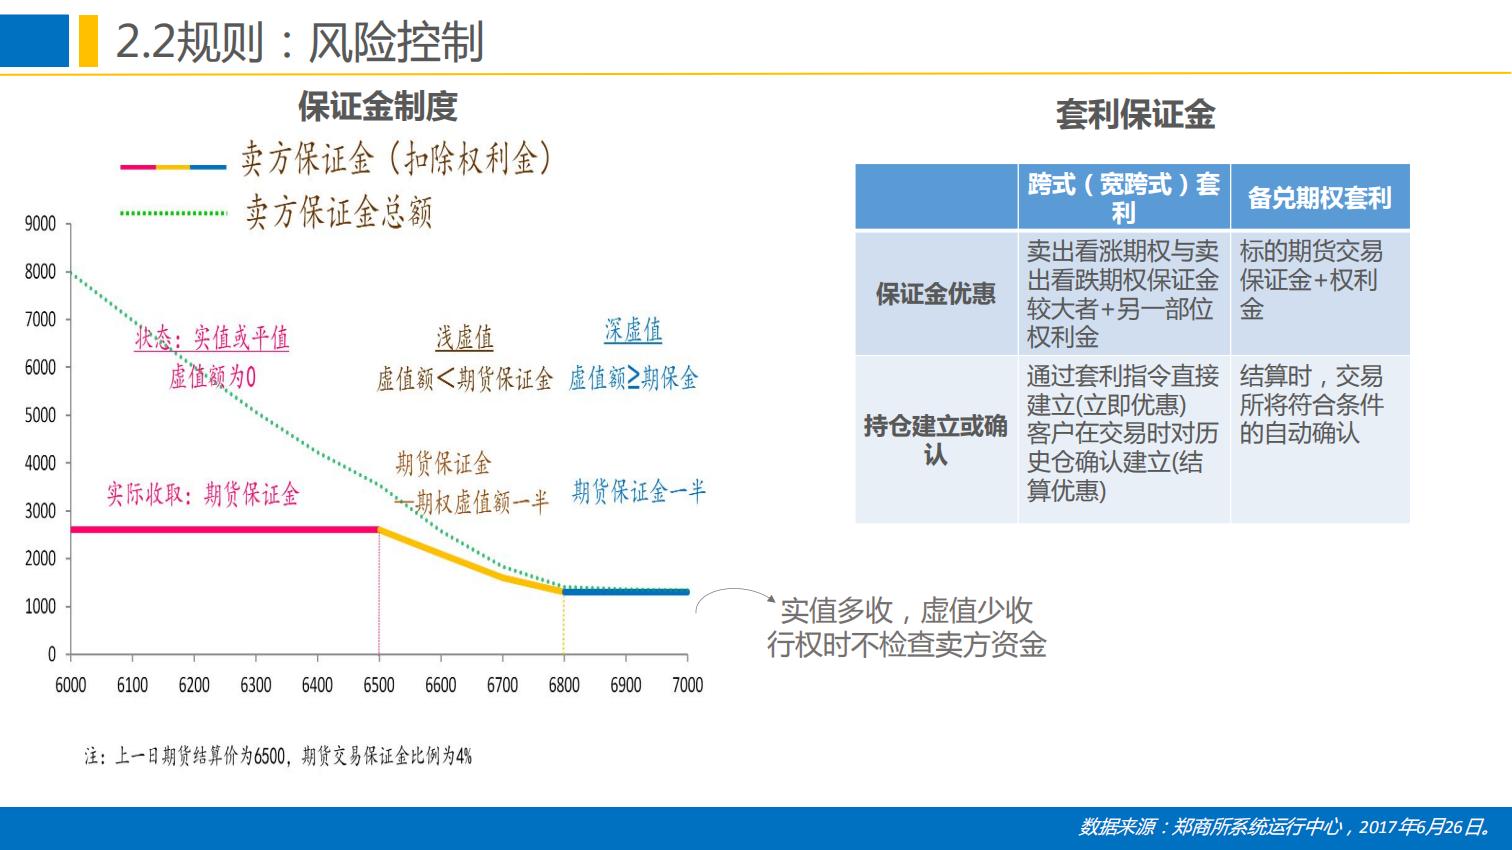 晨会:郑商所培训分享-棉花期权合约规则与上市工作安排0111.pdfx_24.png